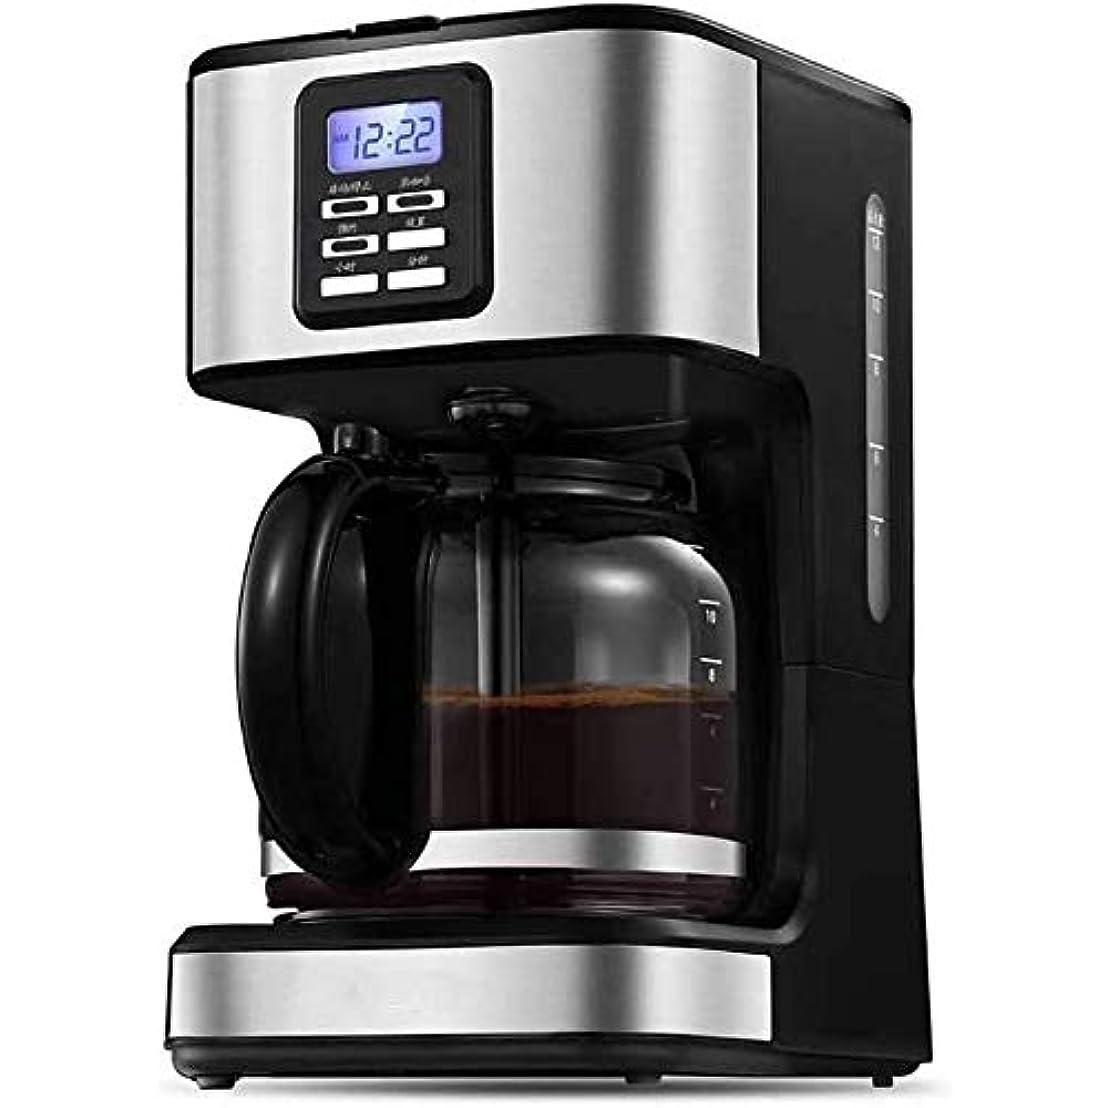 アボート酔っ払い超越するコーヒーマシン、コーヒーメーカー、ガラスカラフそして、ワンタッチボタンでドリップコーヒーメーカー、コーヒーマシンステンレス製デコレーション(ブラック) TGhosts